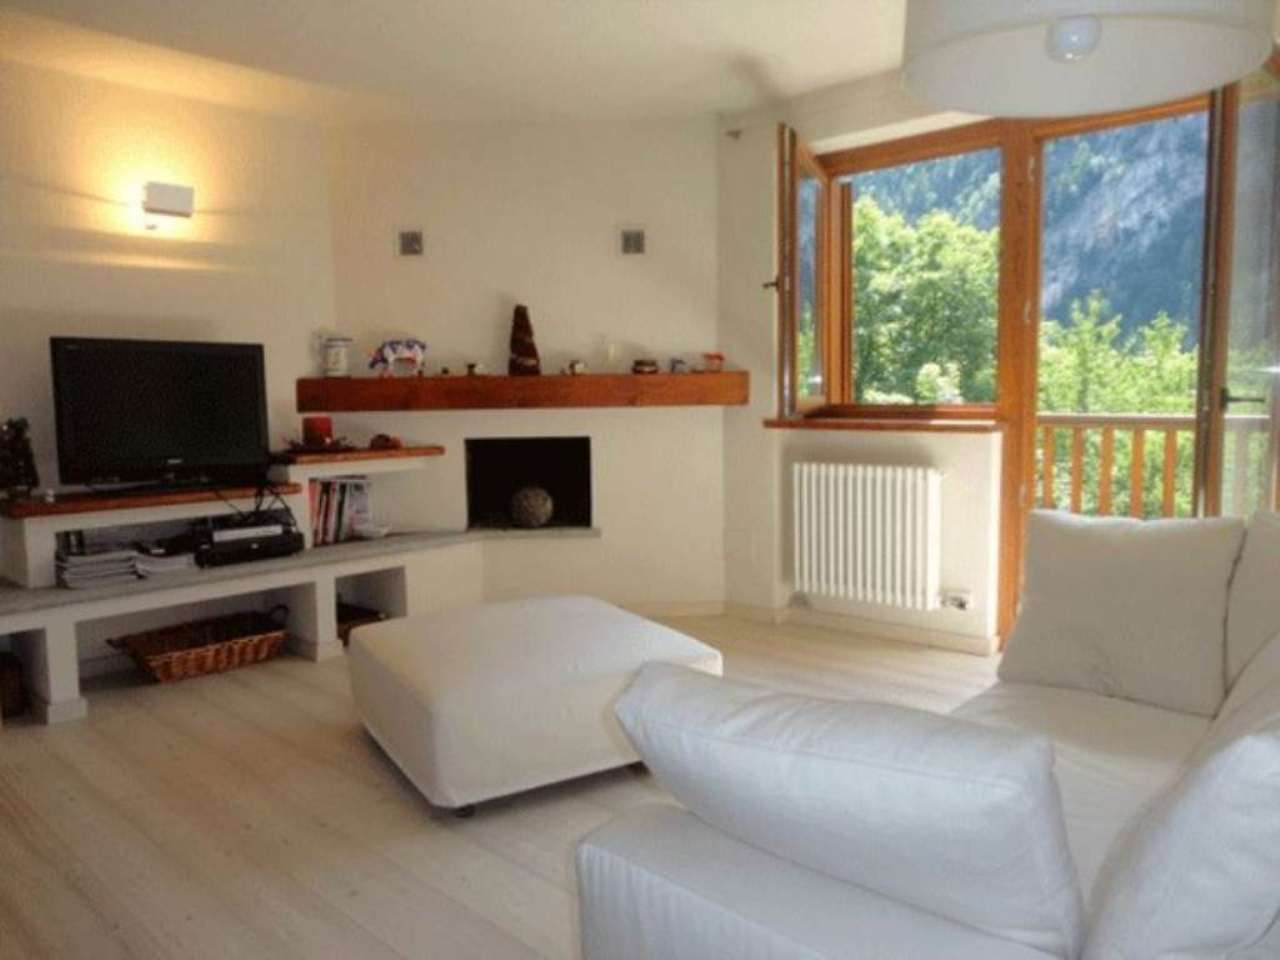 Appartamento in vendita a Courmayeur, 3 locali, prezzo € 500.000 | Cambio Casa.it